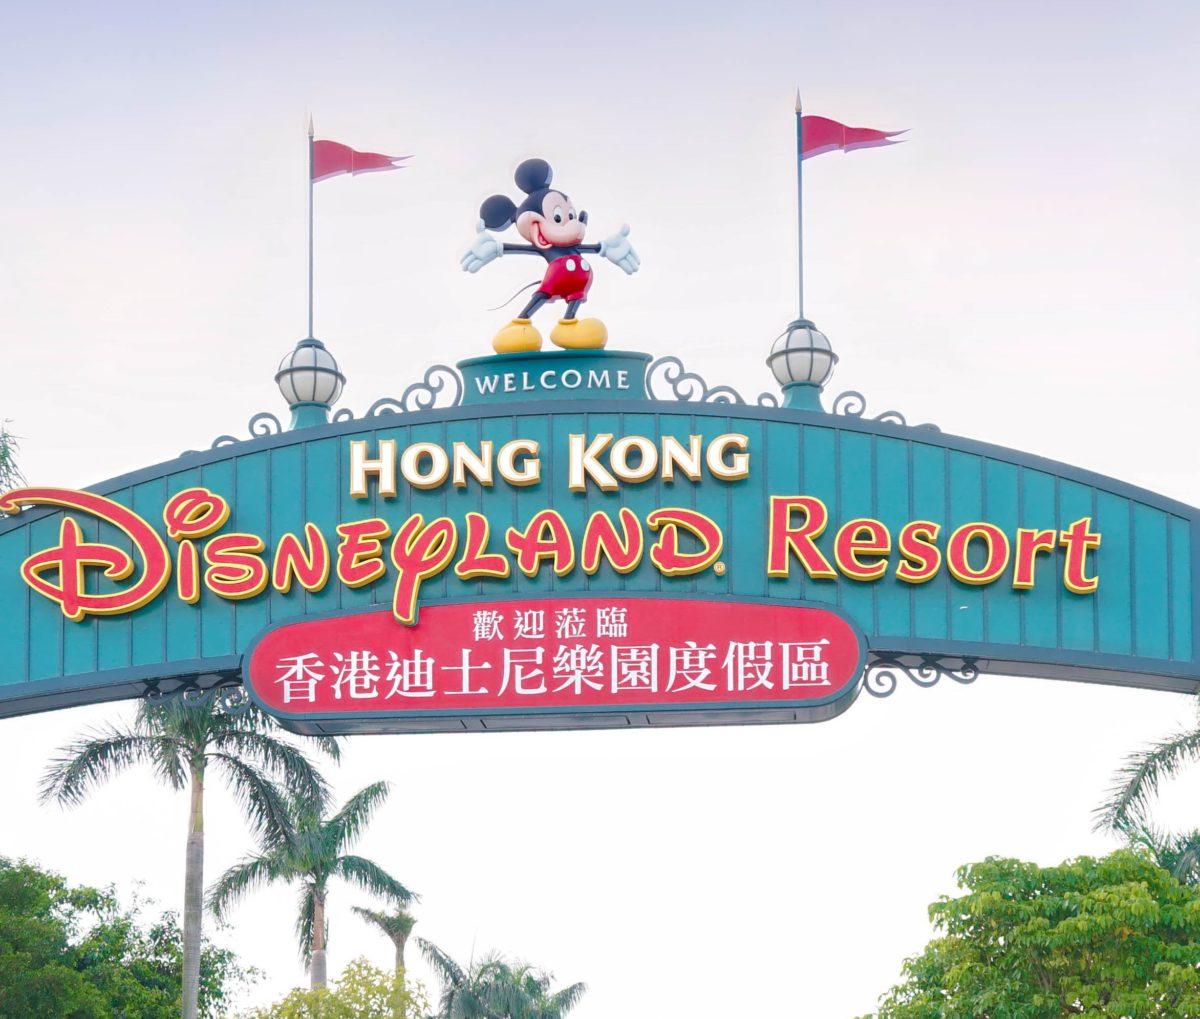 Hong Kong Disneyland Ticket Price Promotion